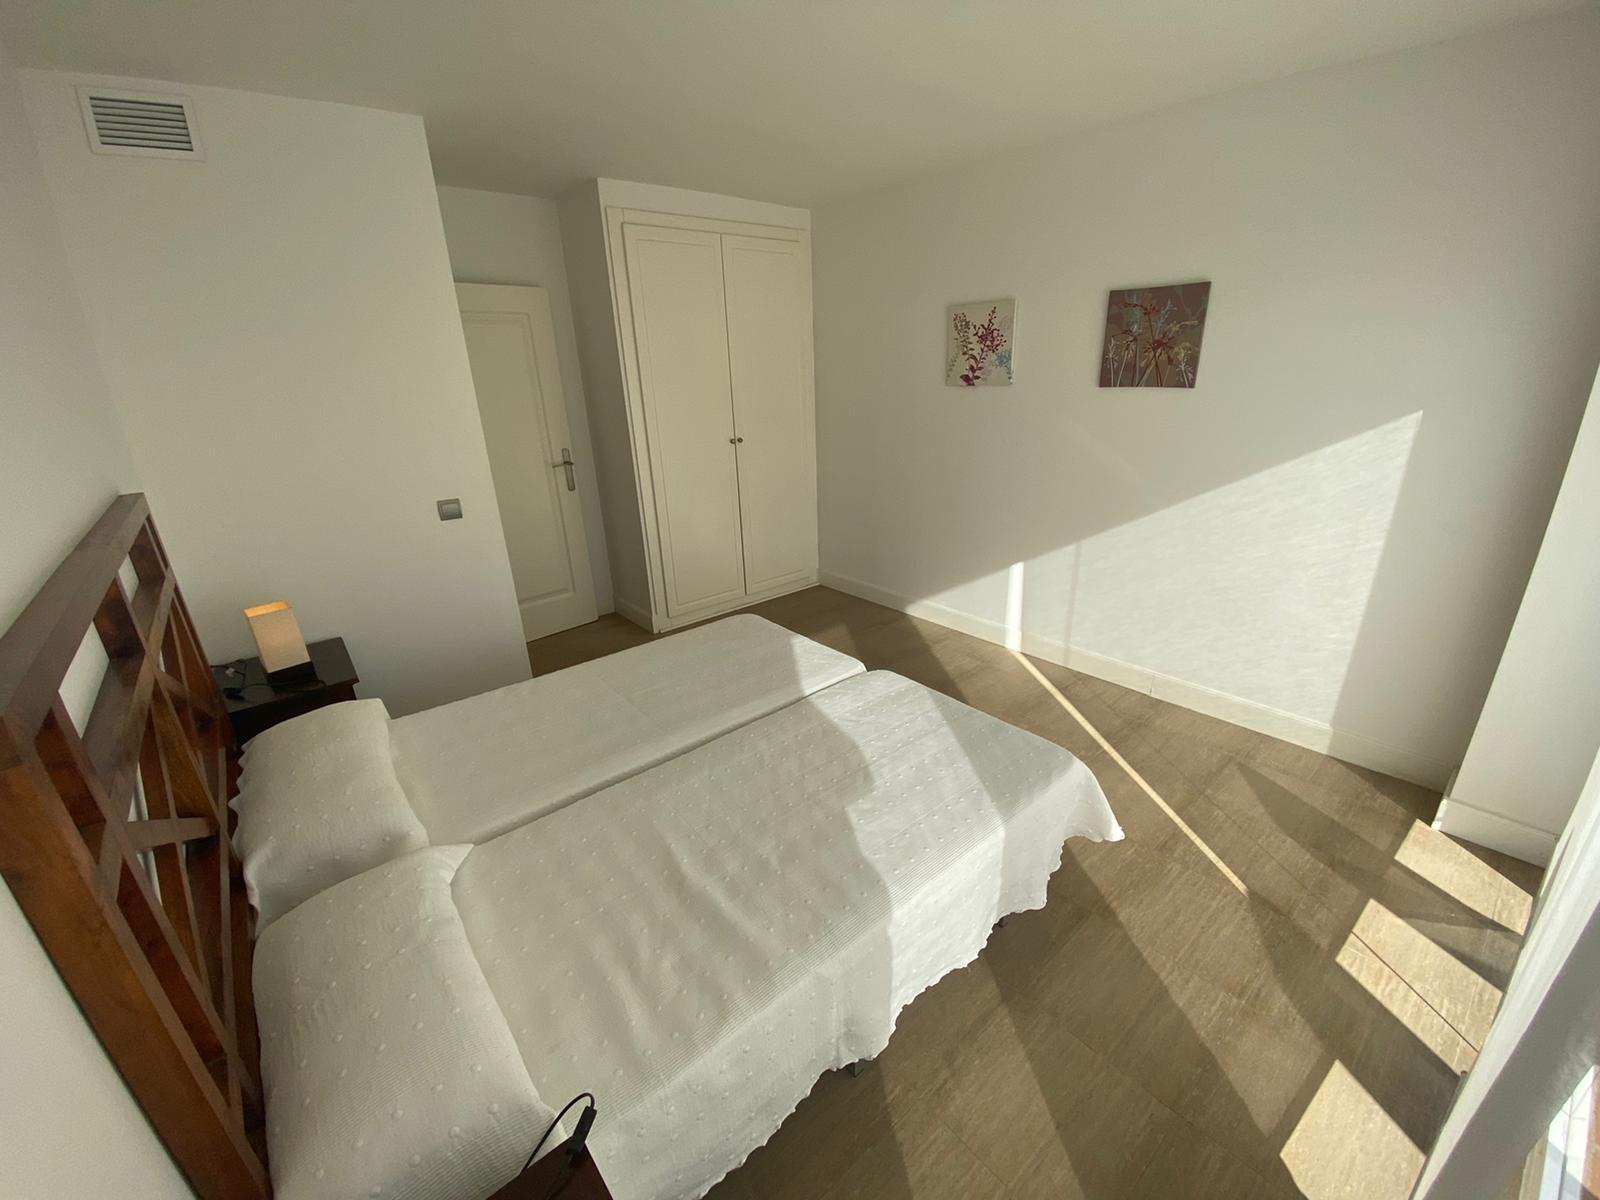 Imagen 33 del Apartamento Turístico, Ático 1 Levante (3d+2b), Punta del Moral (HUELVA), Paseo de la Cruz nº22